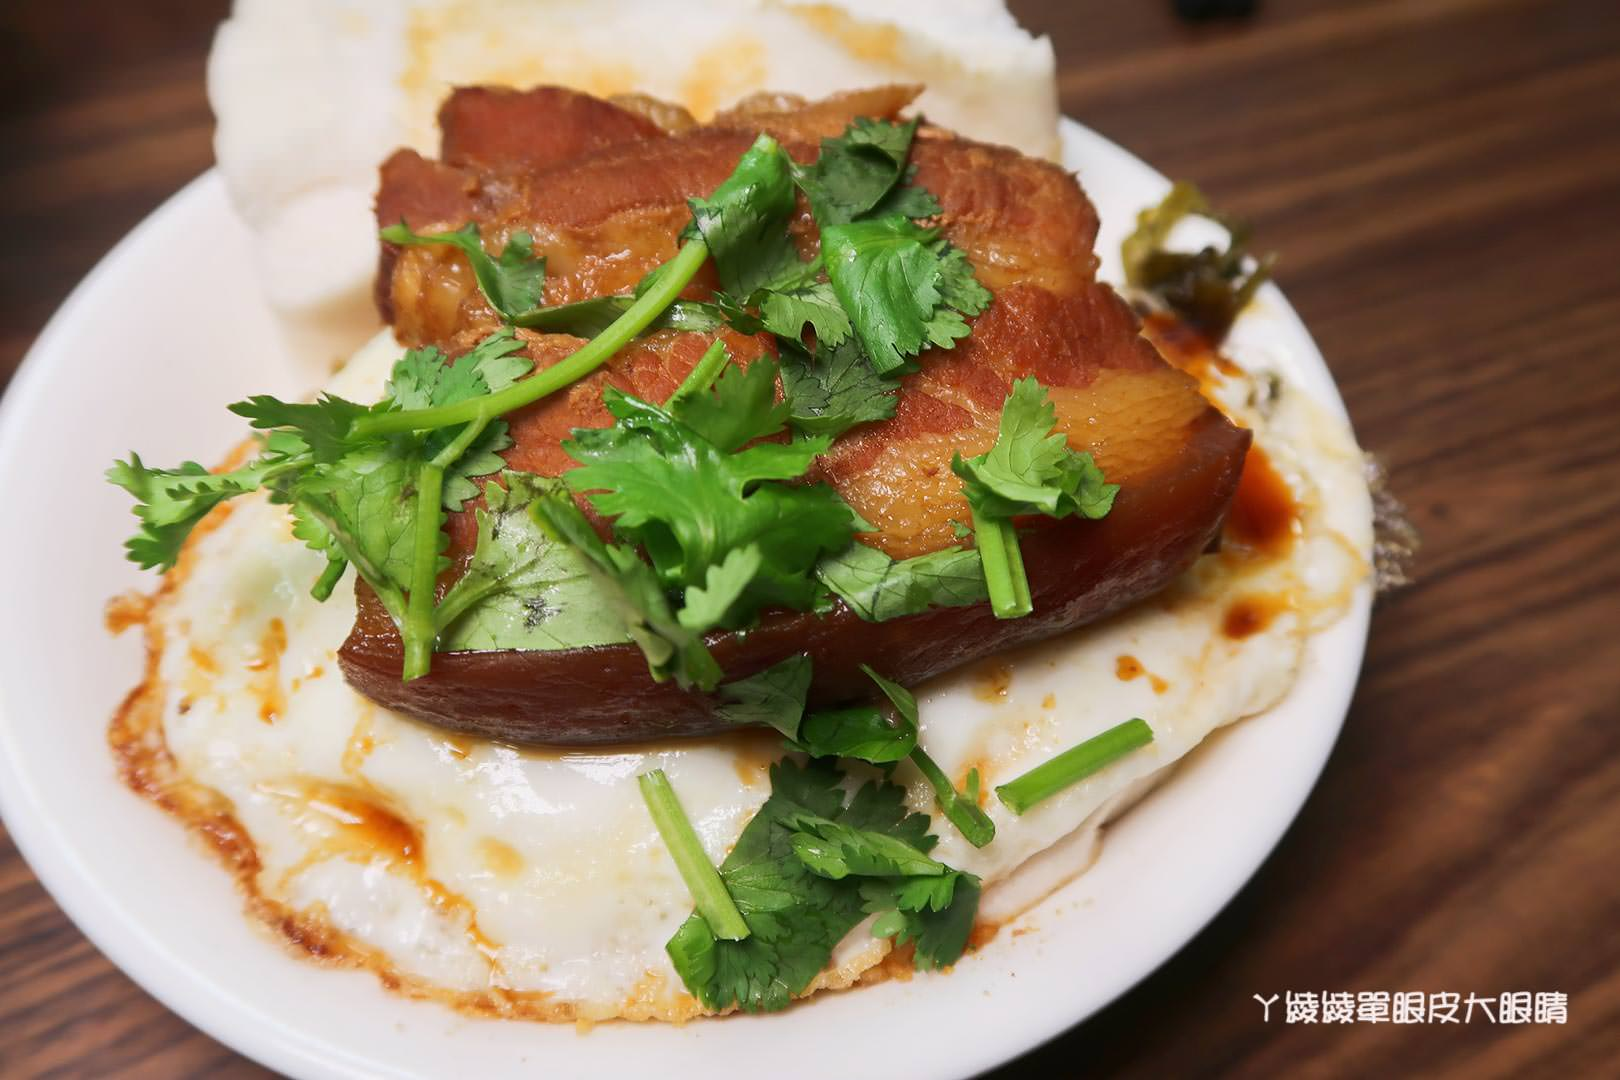 新竹滷肉飯推薦禾日香魯肉飯!CP值爆高的海鮮什錦麵,還有超犯規的太陽刈包跟泰式打拋豬飯